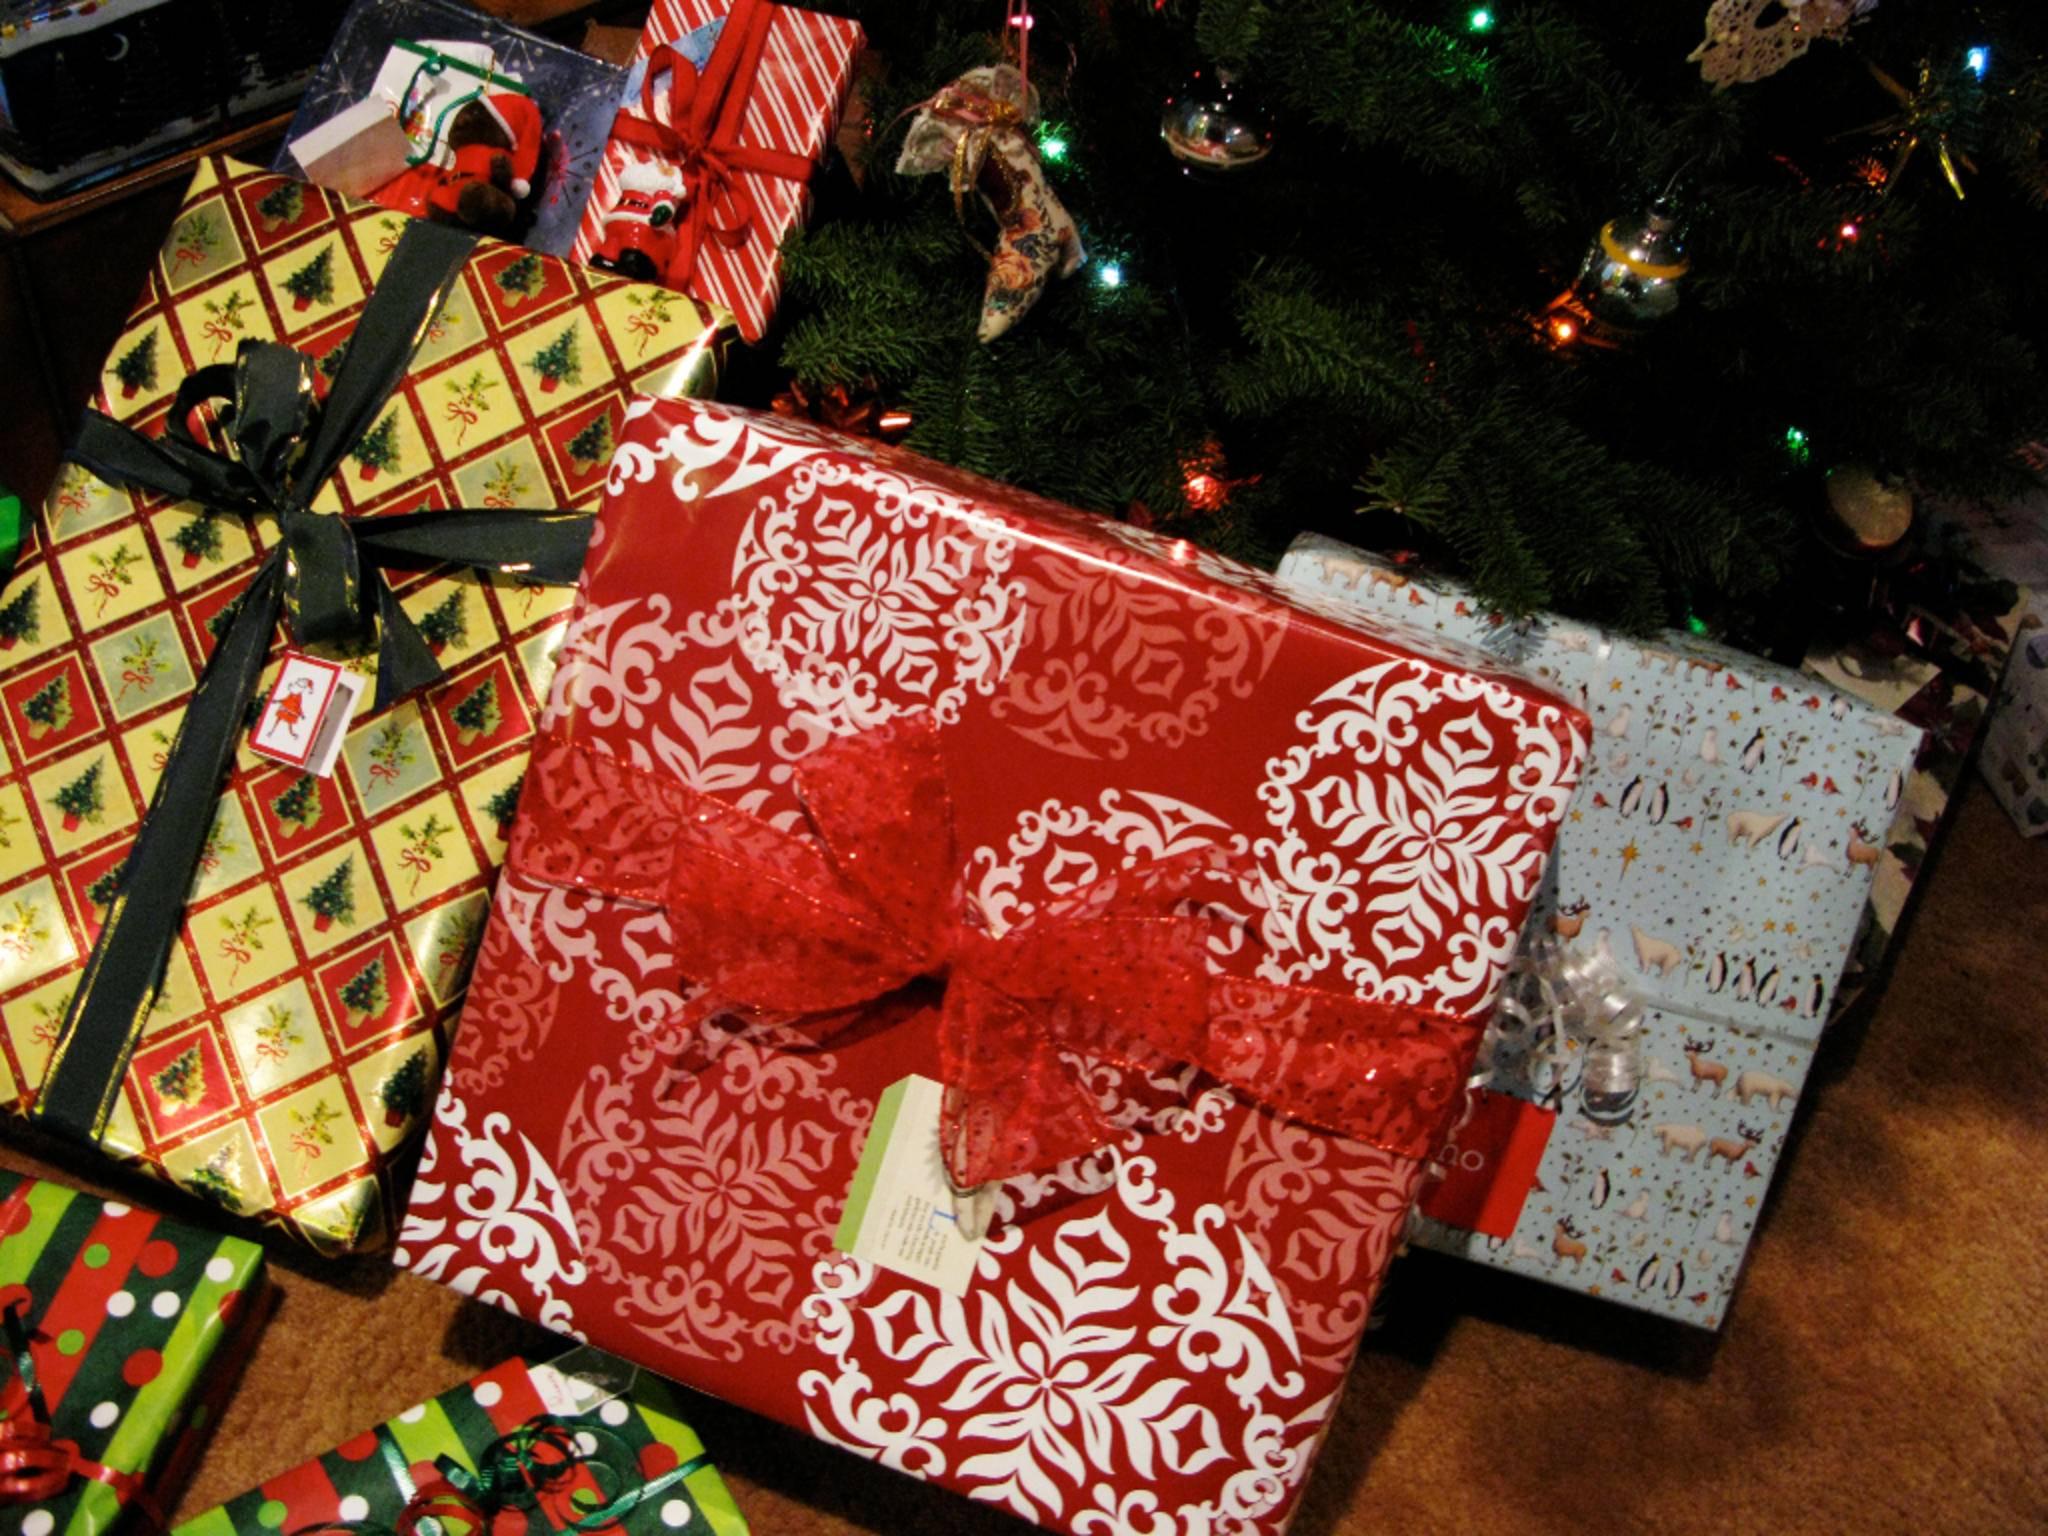 Diese Technik-Gadgets könnten unterm Weihnachtsbaum liegen.